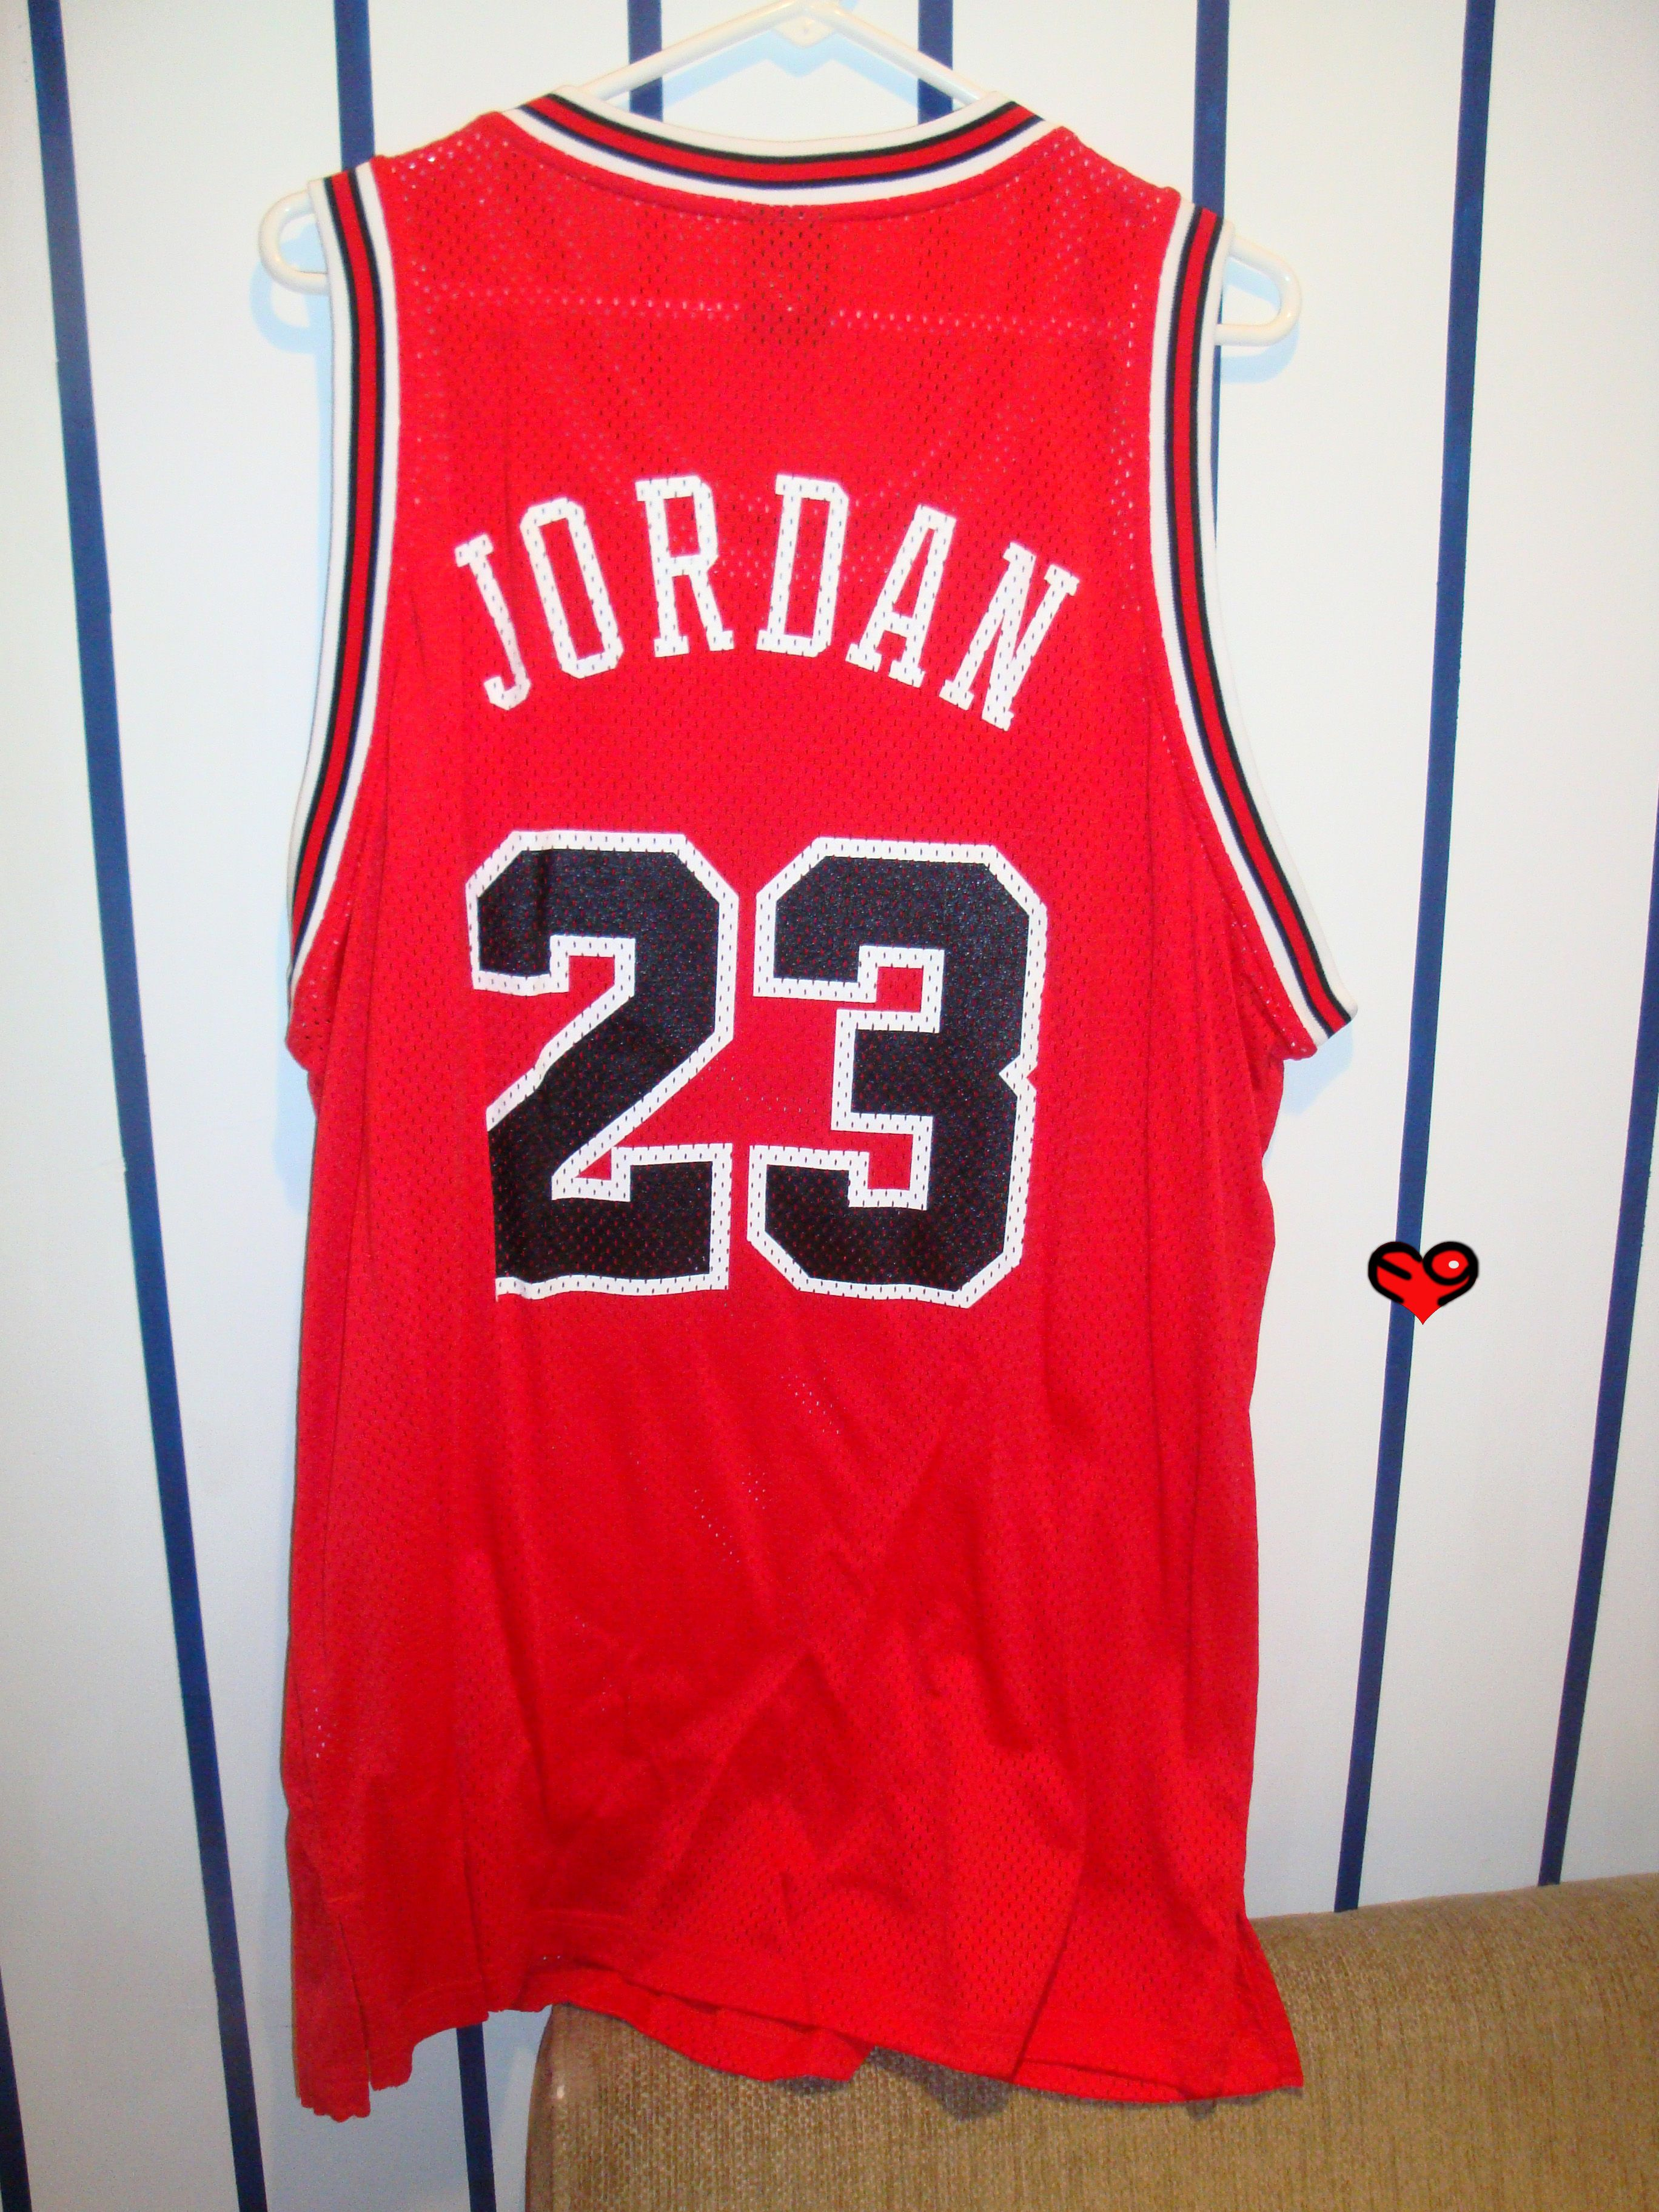 e3f194954e4 Jordan